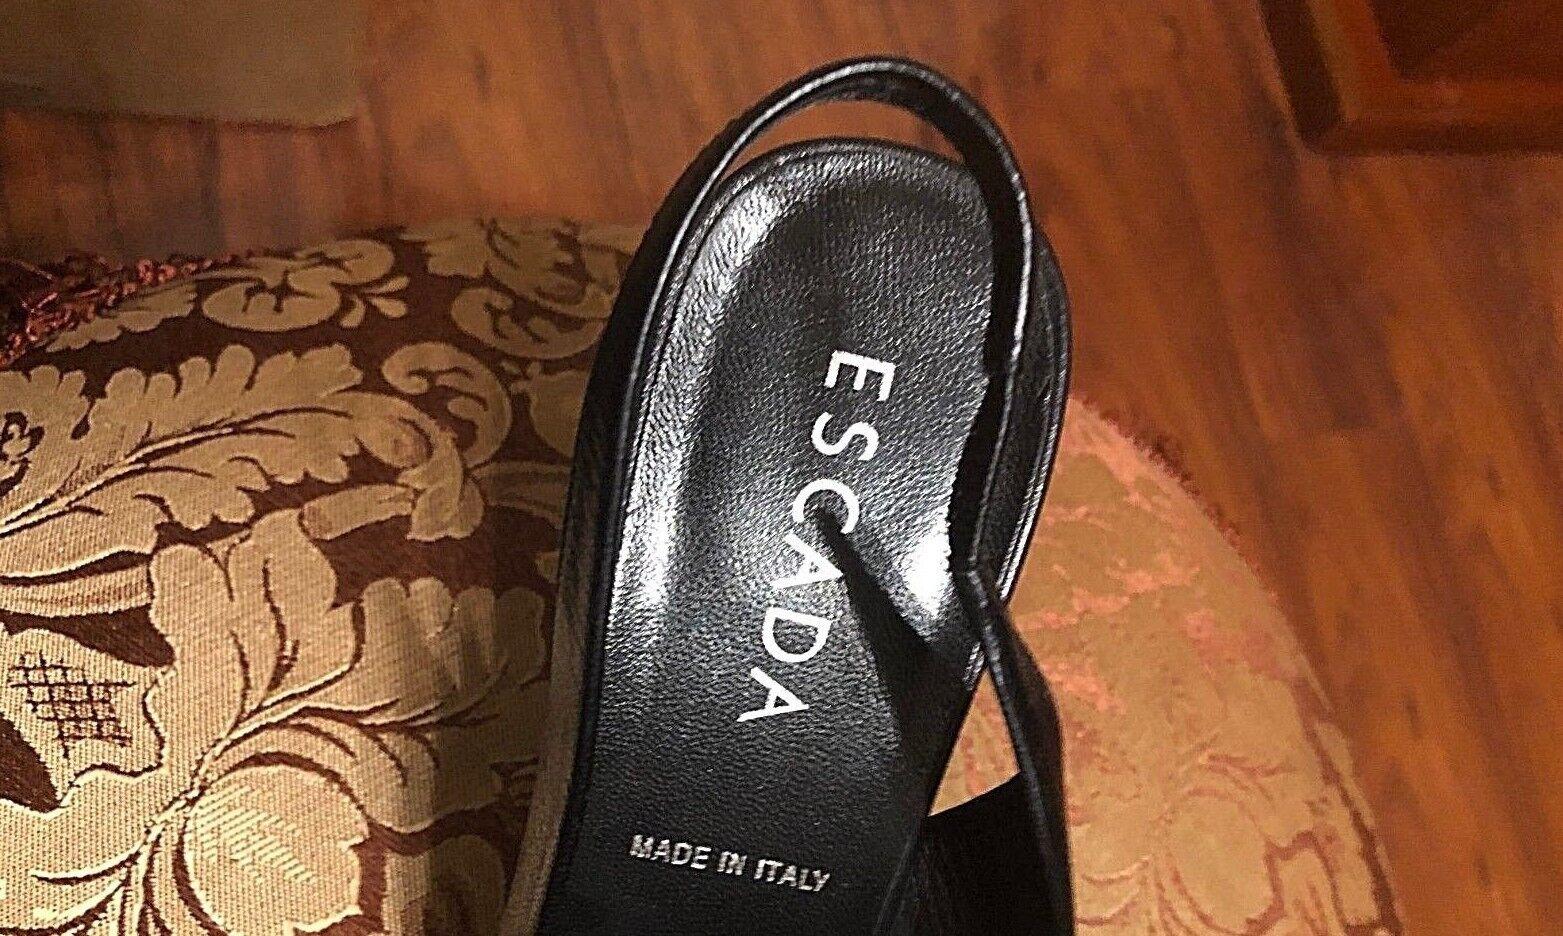 Escada Dedo Del Pie Cuadrado Cuero Cuero Cuero Negro Charol Bombas Nuevo Sin Caja - 37.5 c1e58b